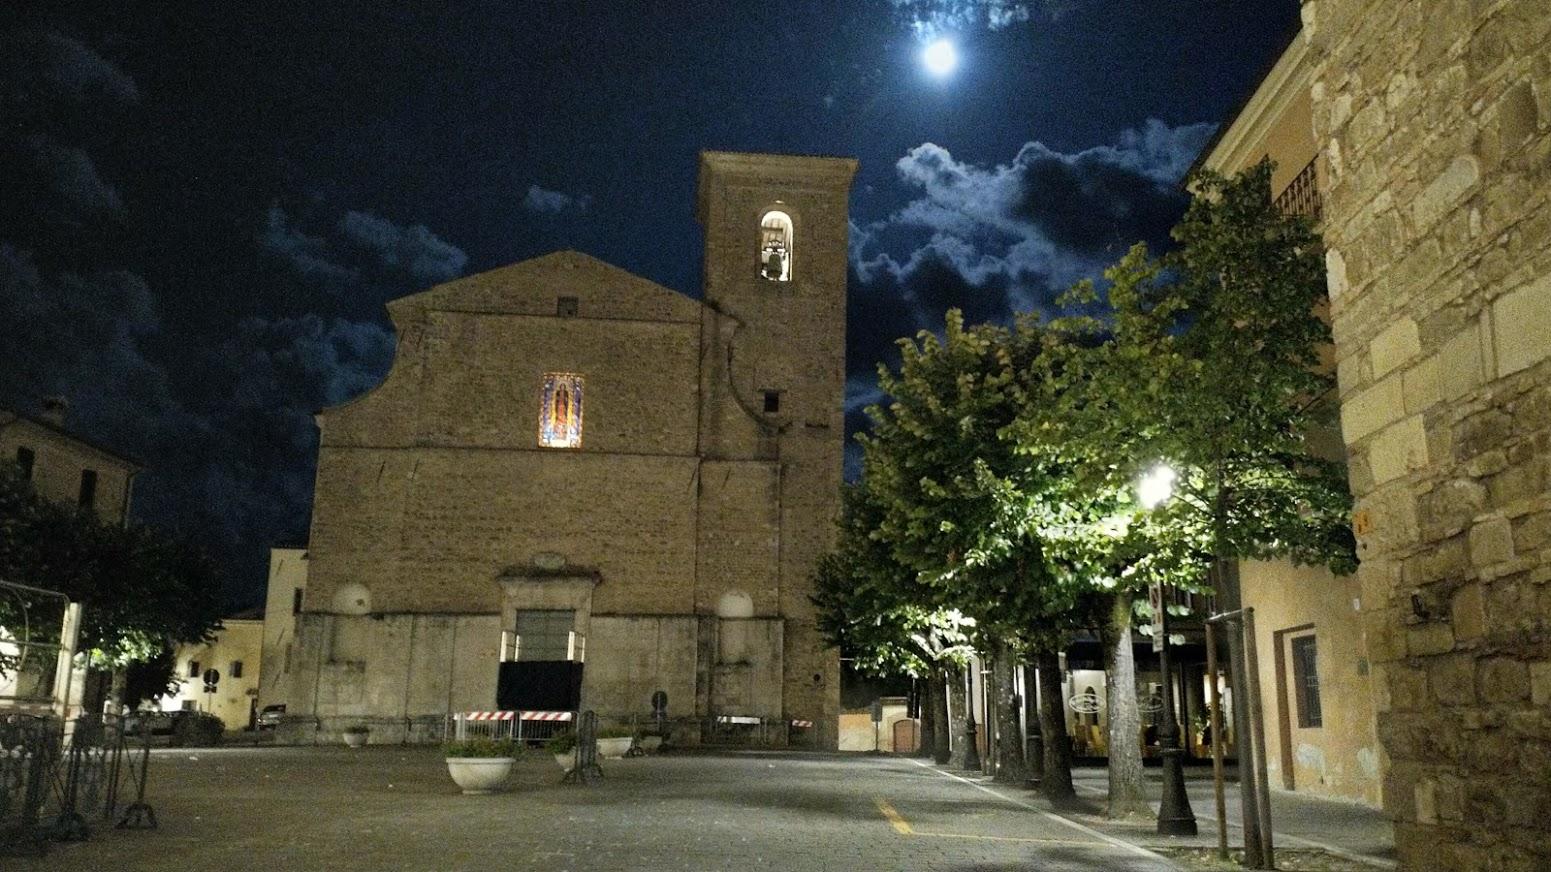 Estate 2019. La piazza di Cingoli, con la luna piena, alle quattro del mattino.